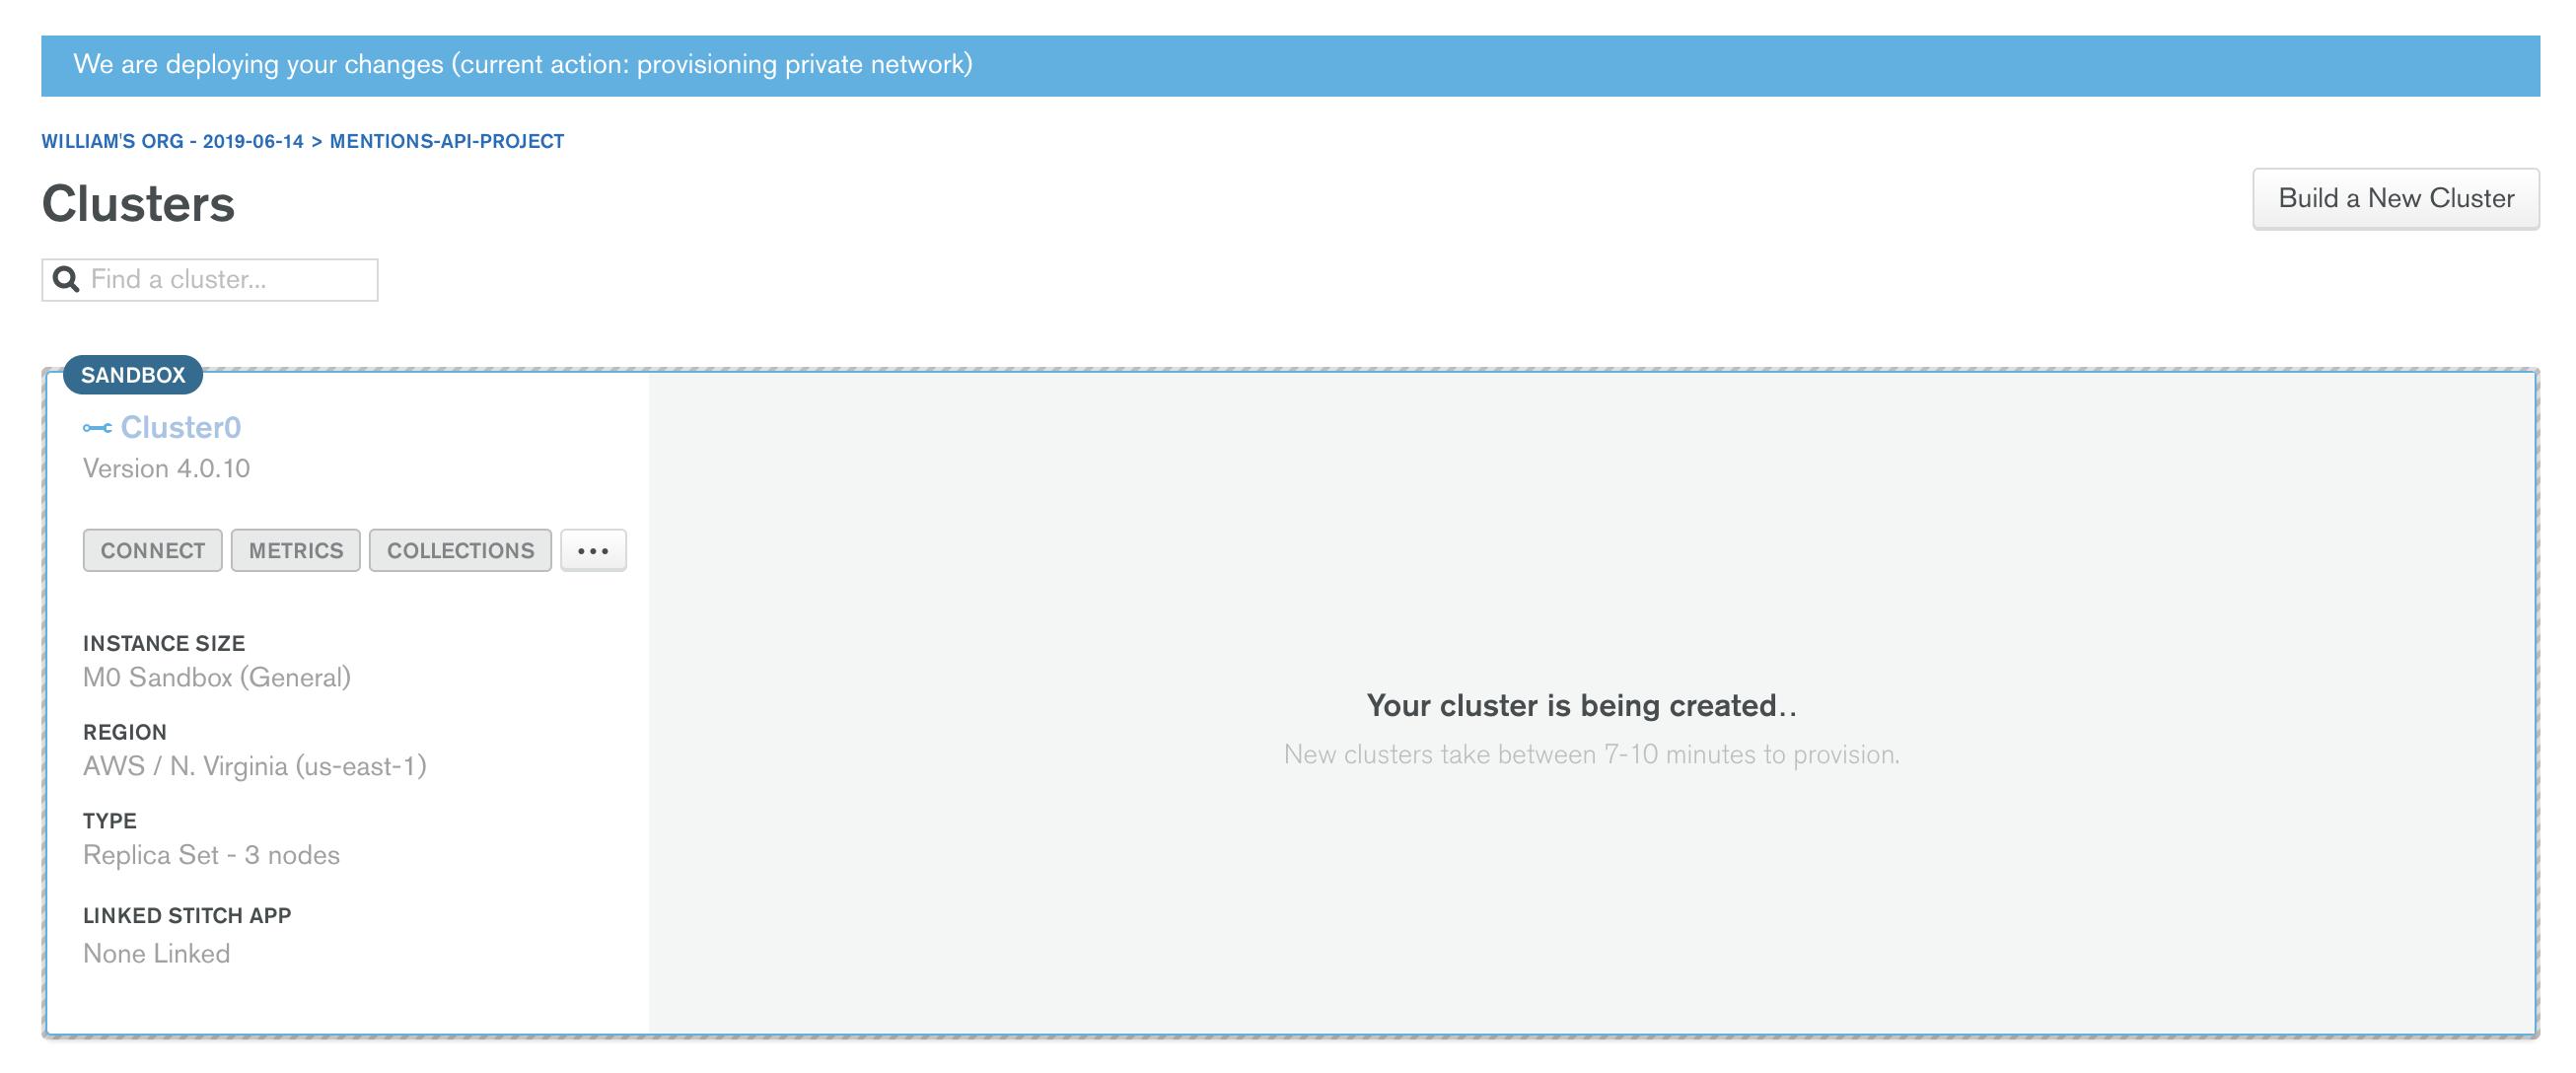 Imagem da mensagem de andamento de criação do Cluster